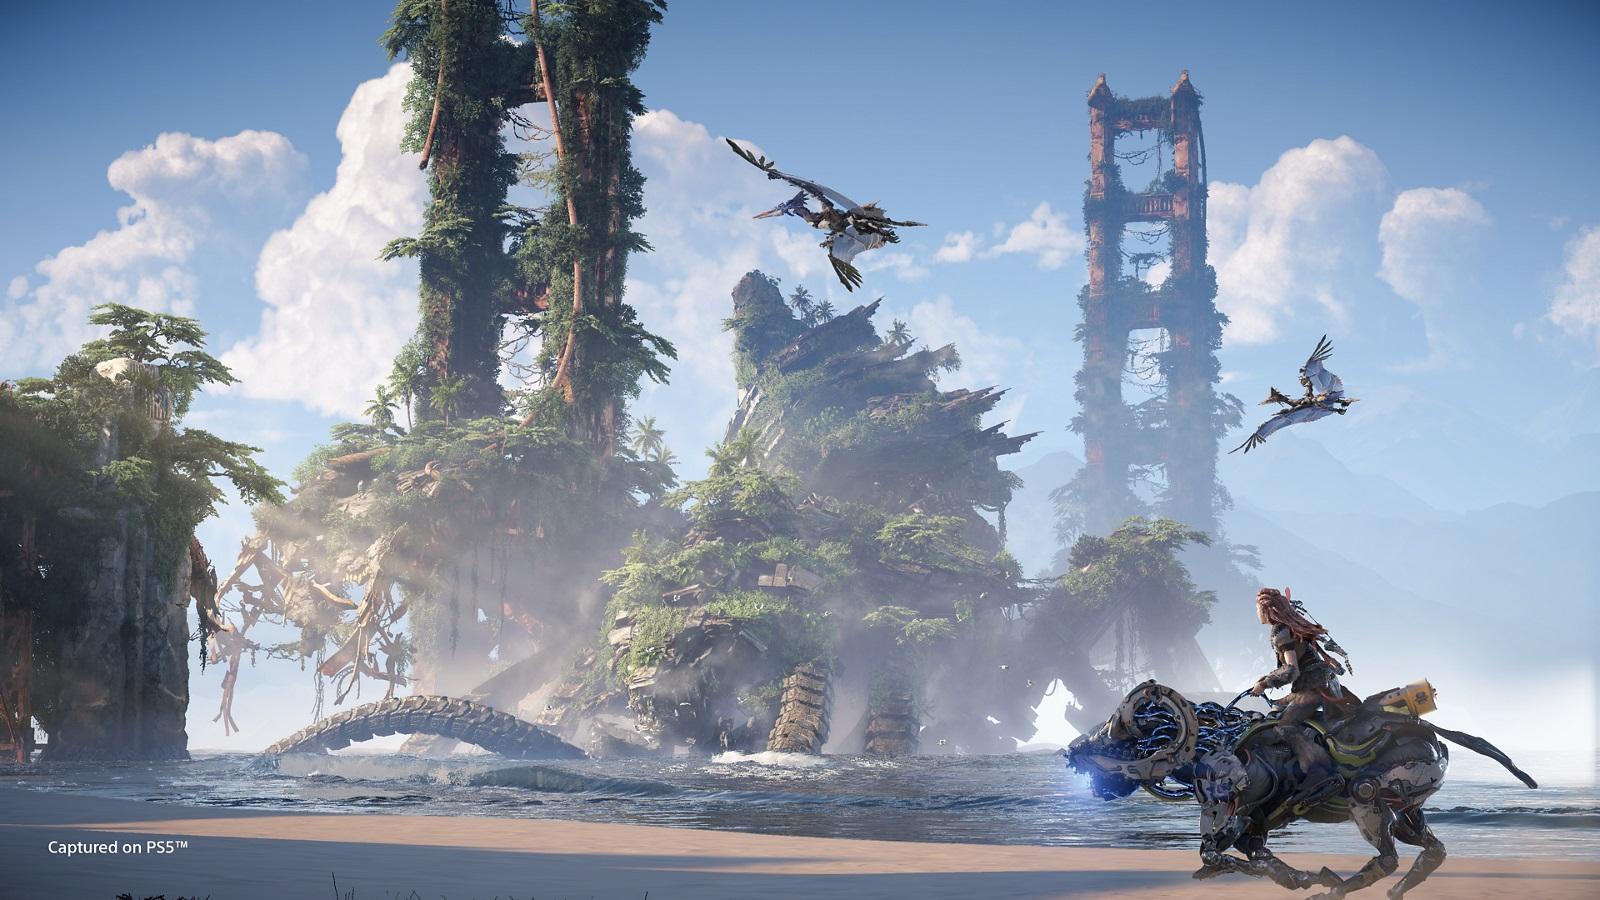 horizon: forbidden west - grafika koncepcyjna